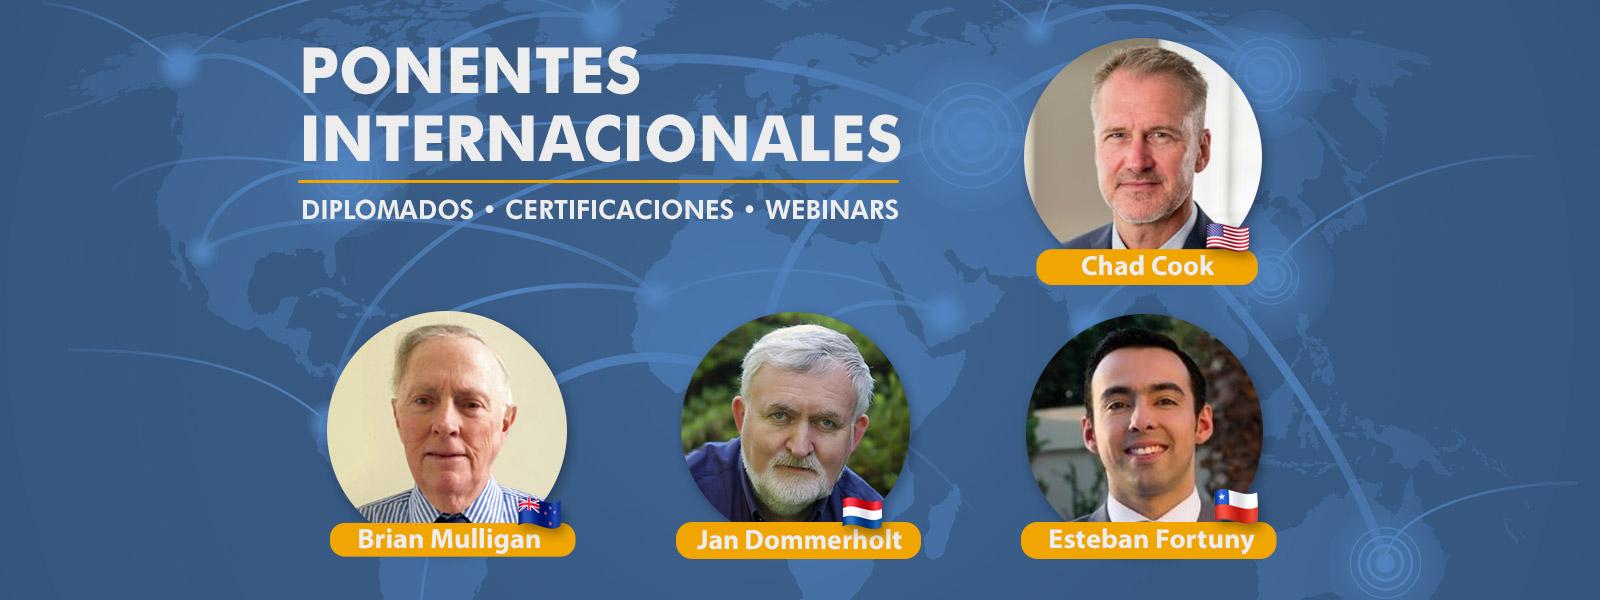 ponentes internacionales